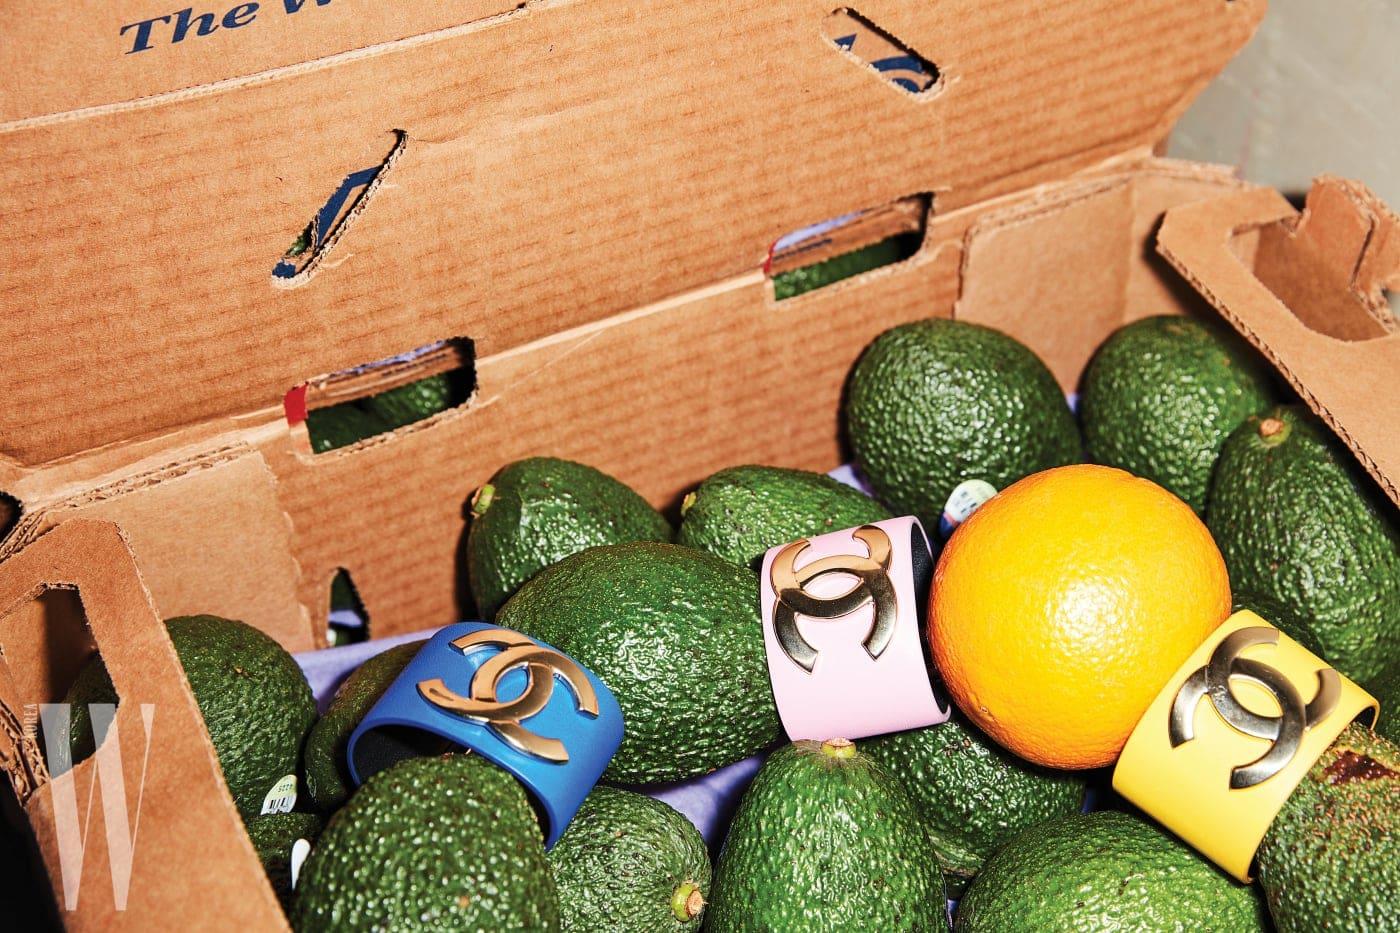 아보카도 상자에 들어 있는 비비드 컬러 뱅글은 샤넬 제품. 모두 가격 미정.